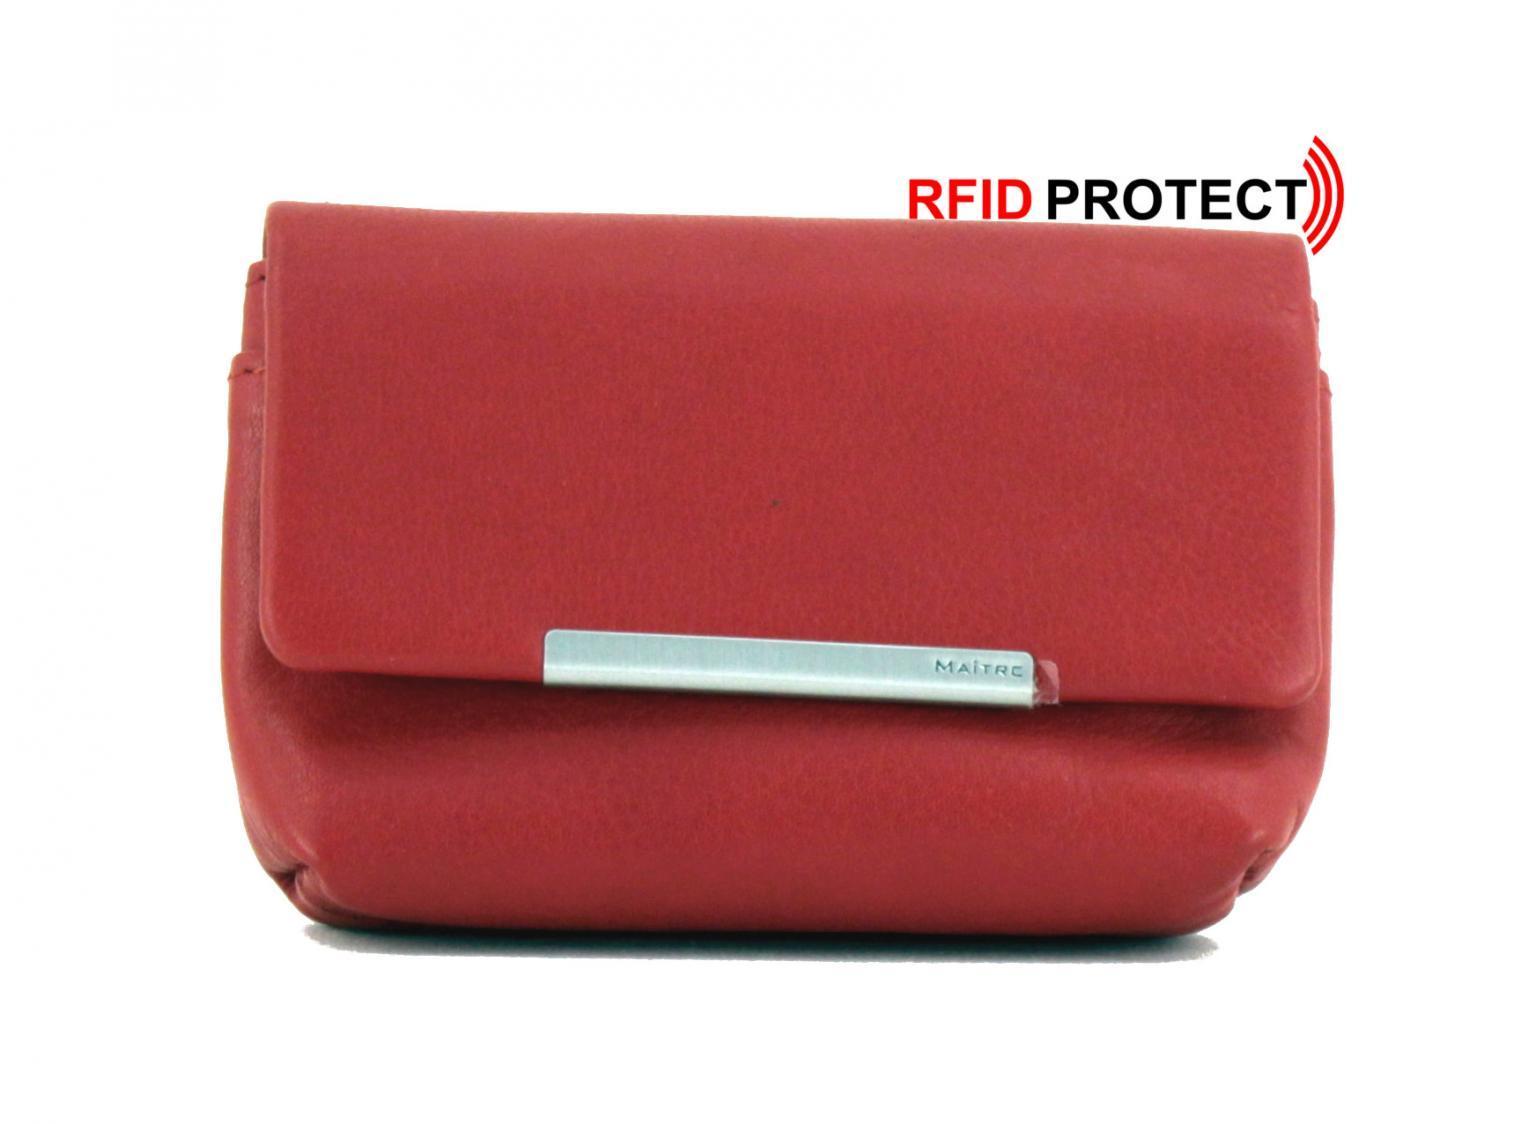 Maitre Schlüsselbörse Belg Siegwald KeyCase F rot RFID-Schutz